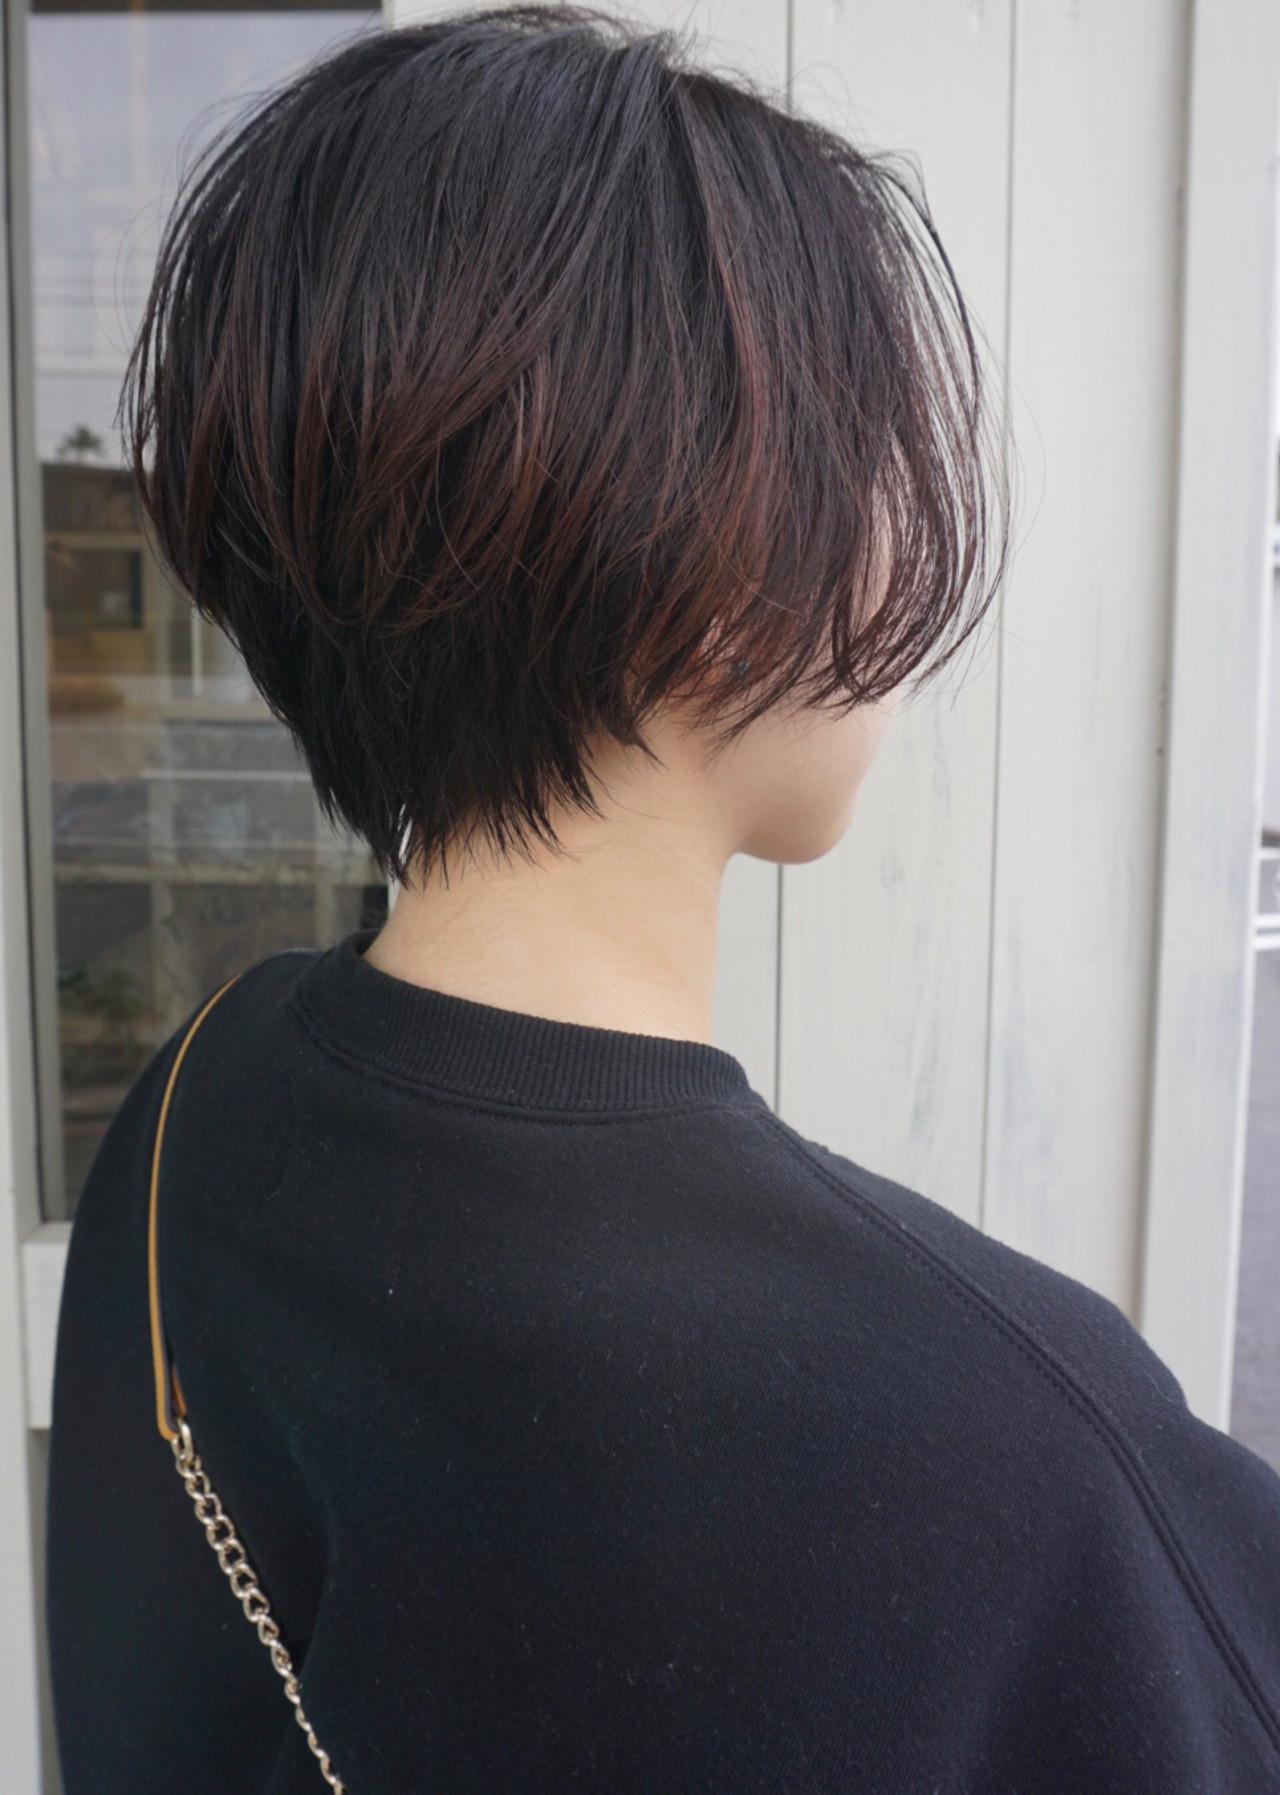 小顔ショート ナチュラル ショート ゆる巻き ヘアスタイルや髪型の写真・画像 | asaka / 583koyomi